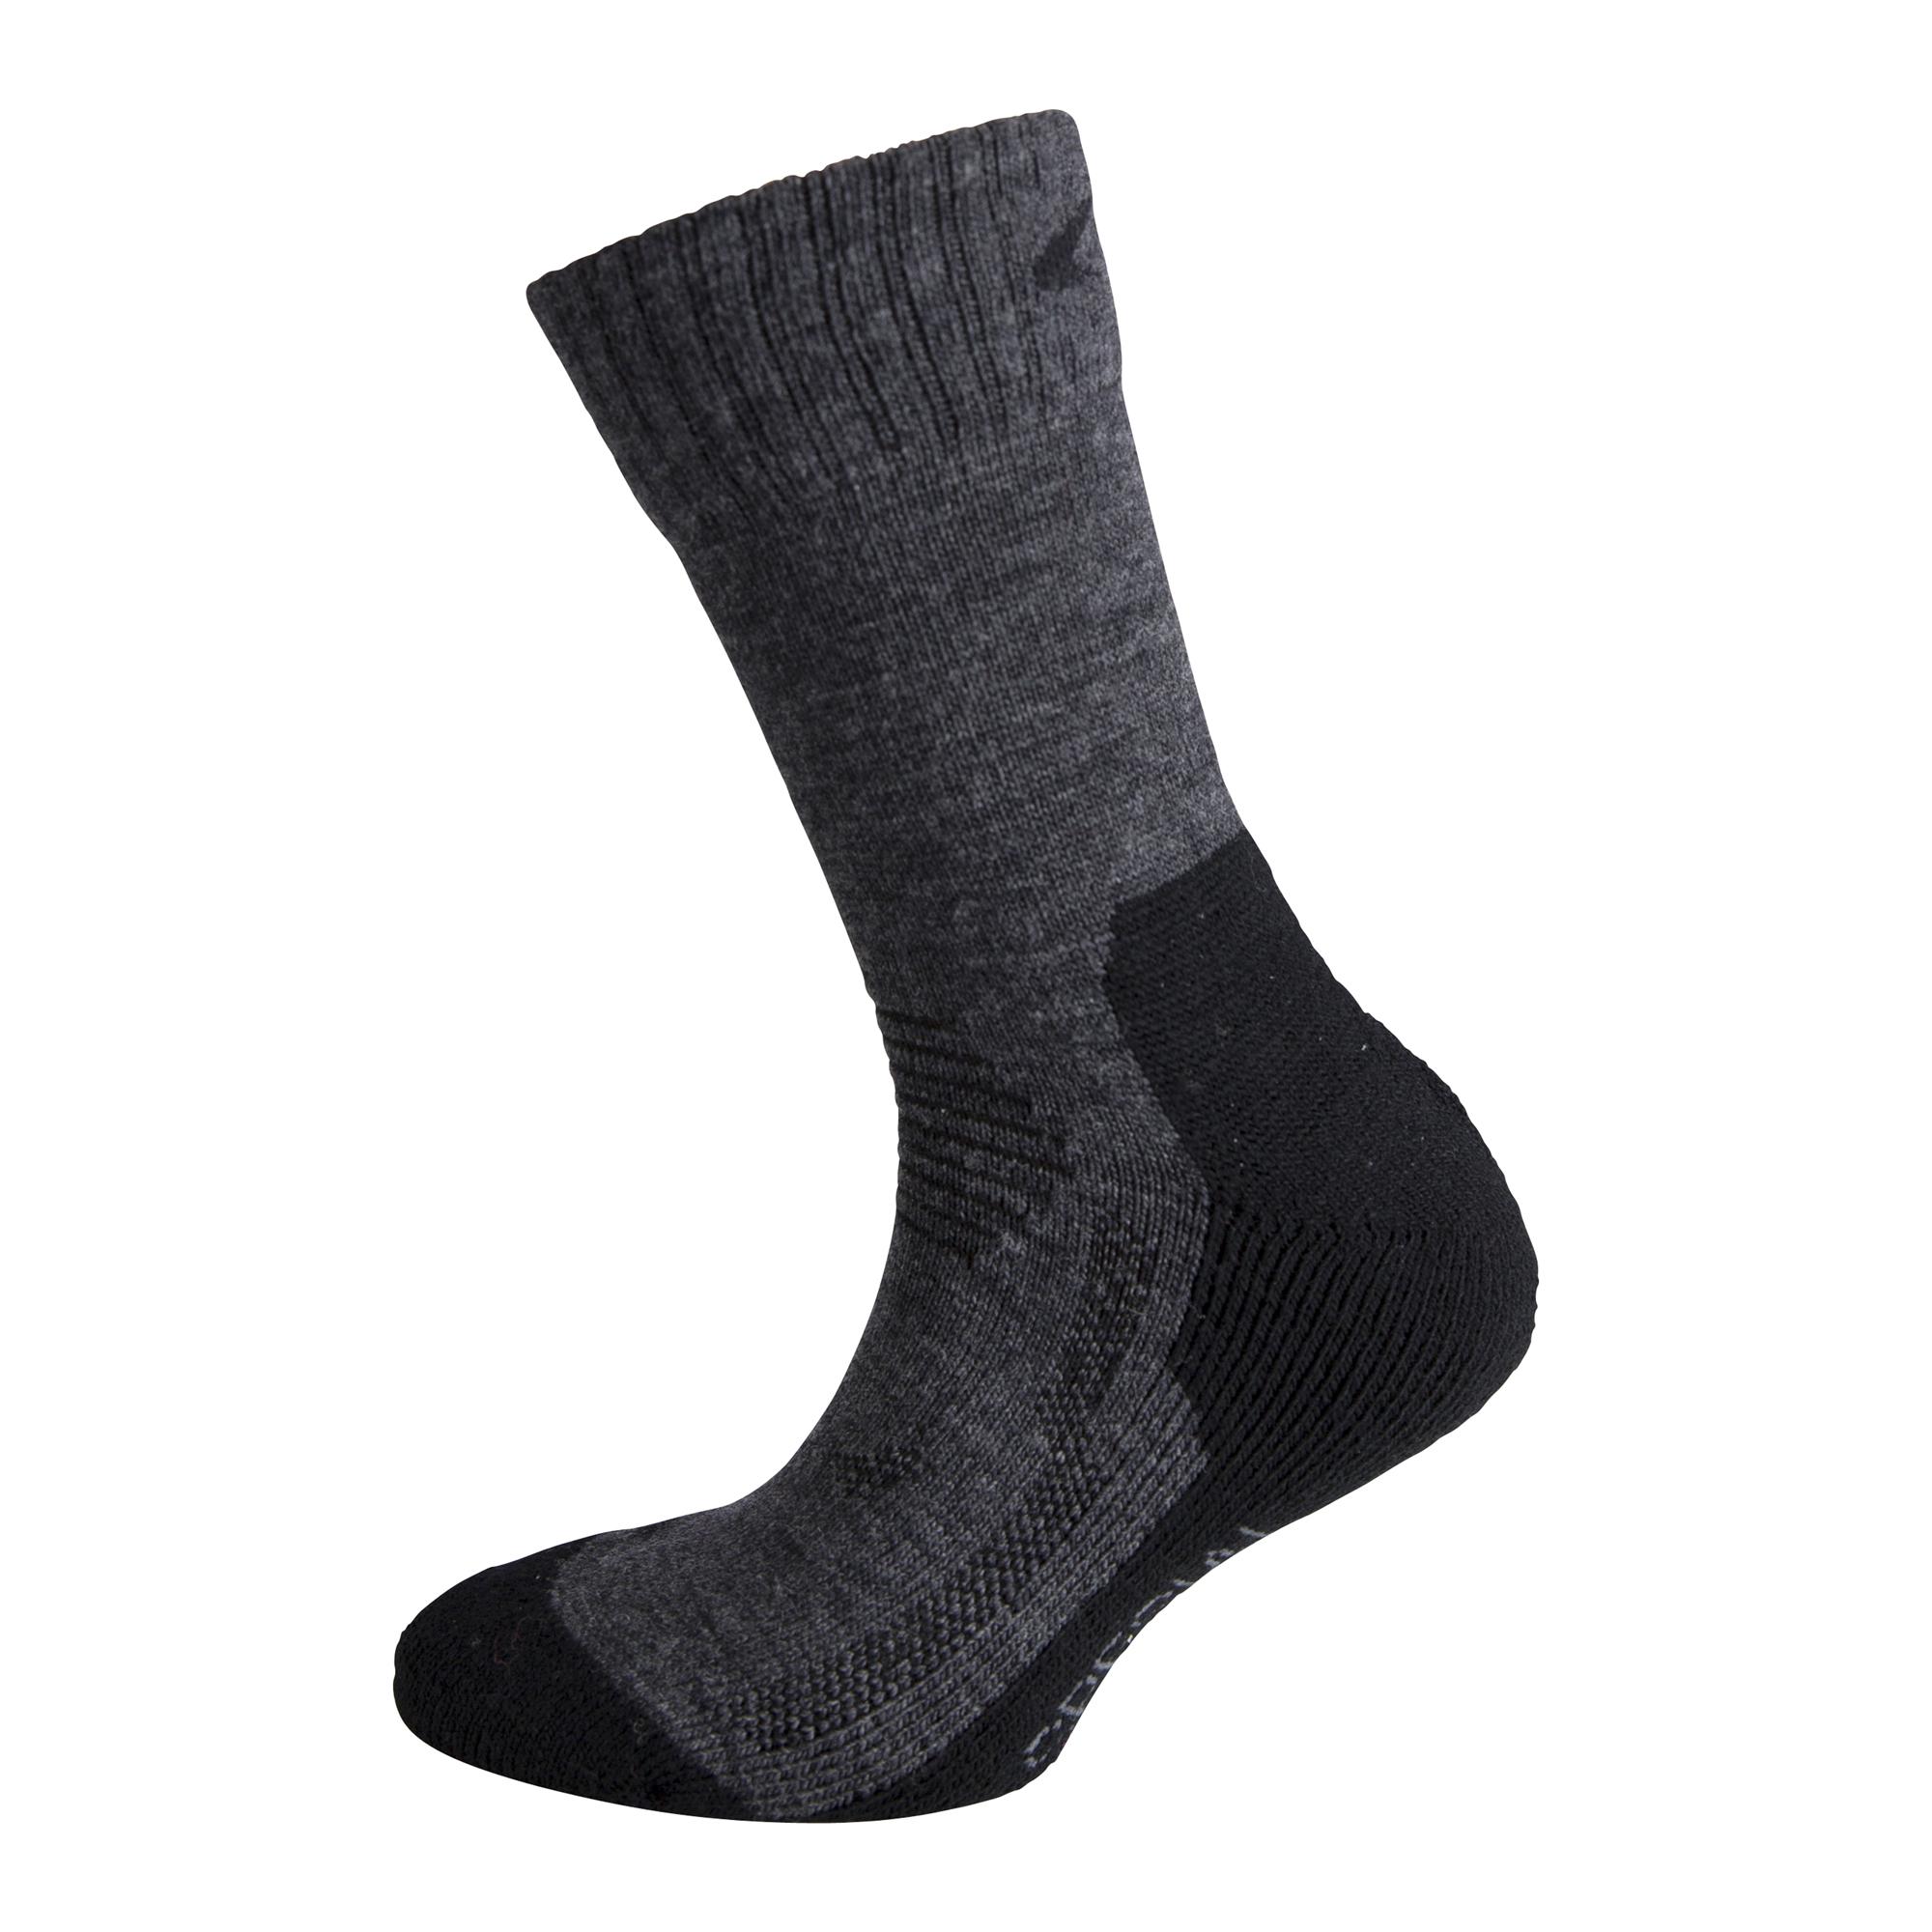 Ulvang Spesial Jr - Mediumtyk uldsok børn - Koksgrå | Socks